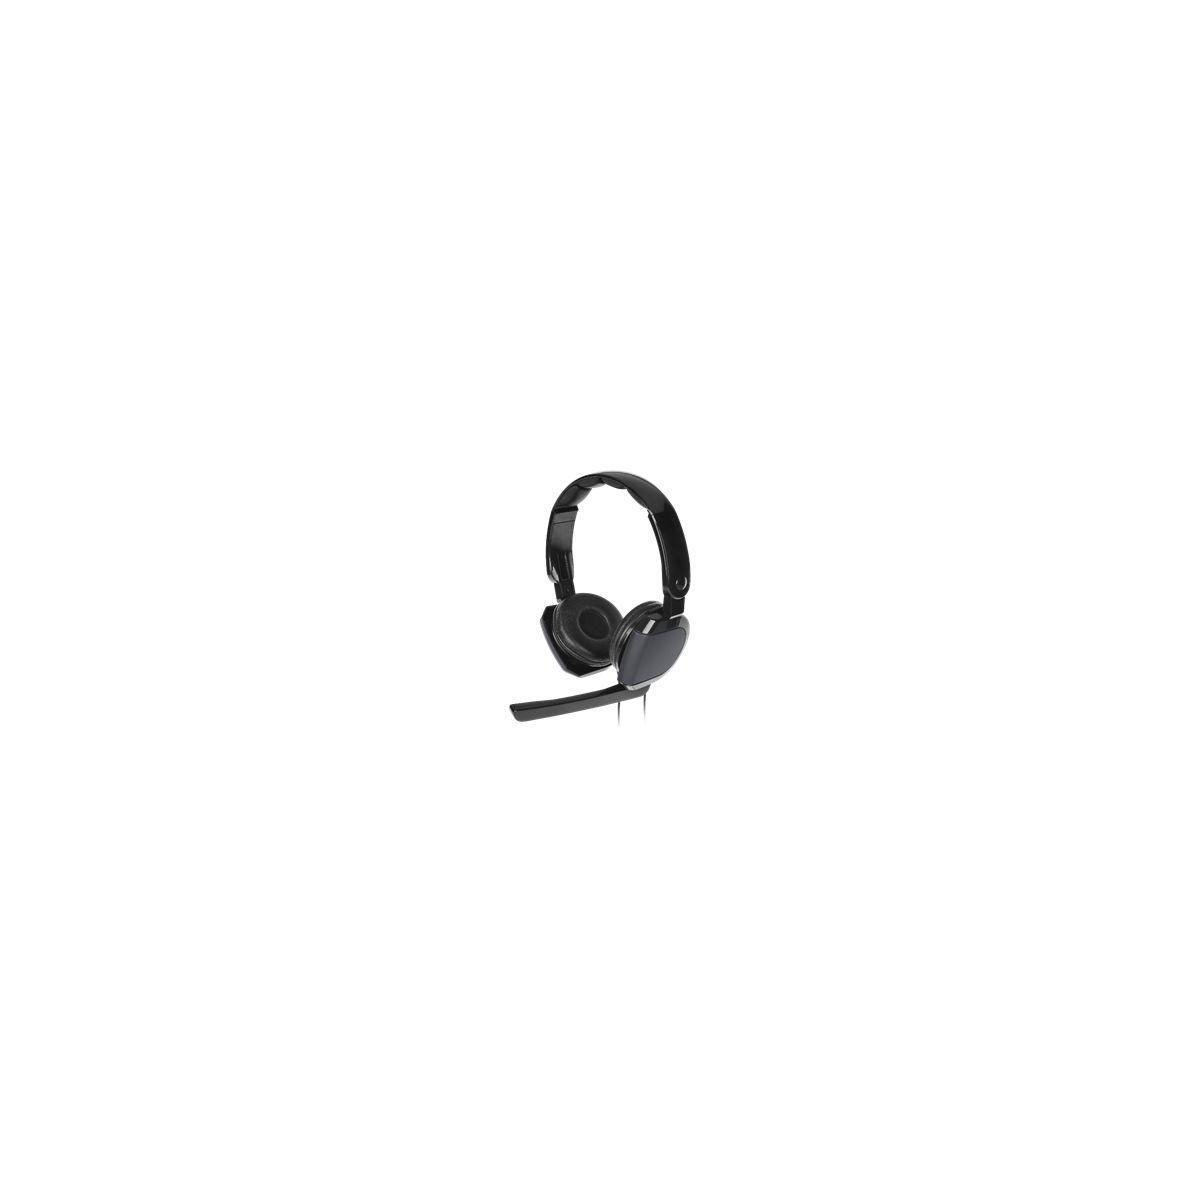 Acc. subsonic casque audio psvr gris - 15% de remise immédiate avec le code : cool15 (photo)